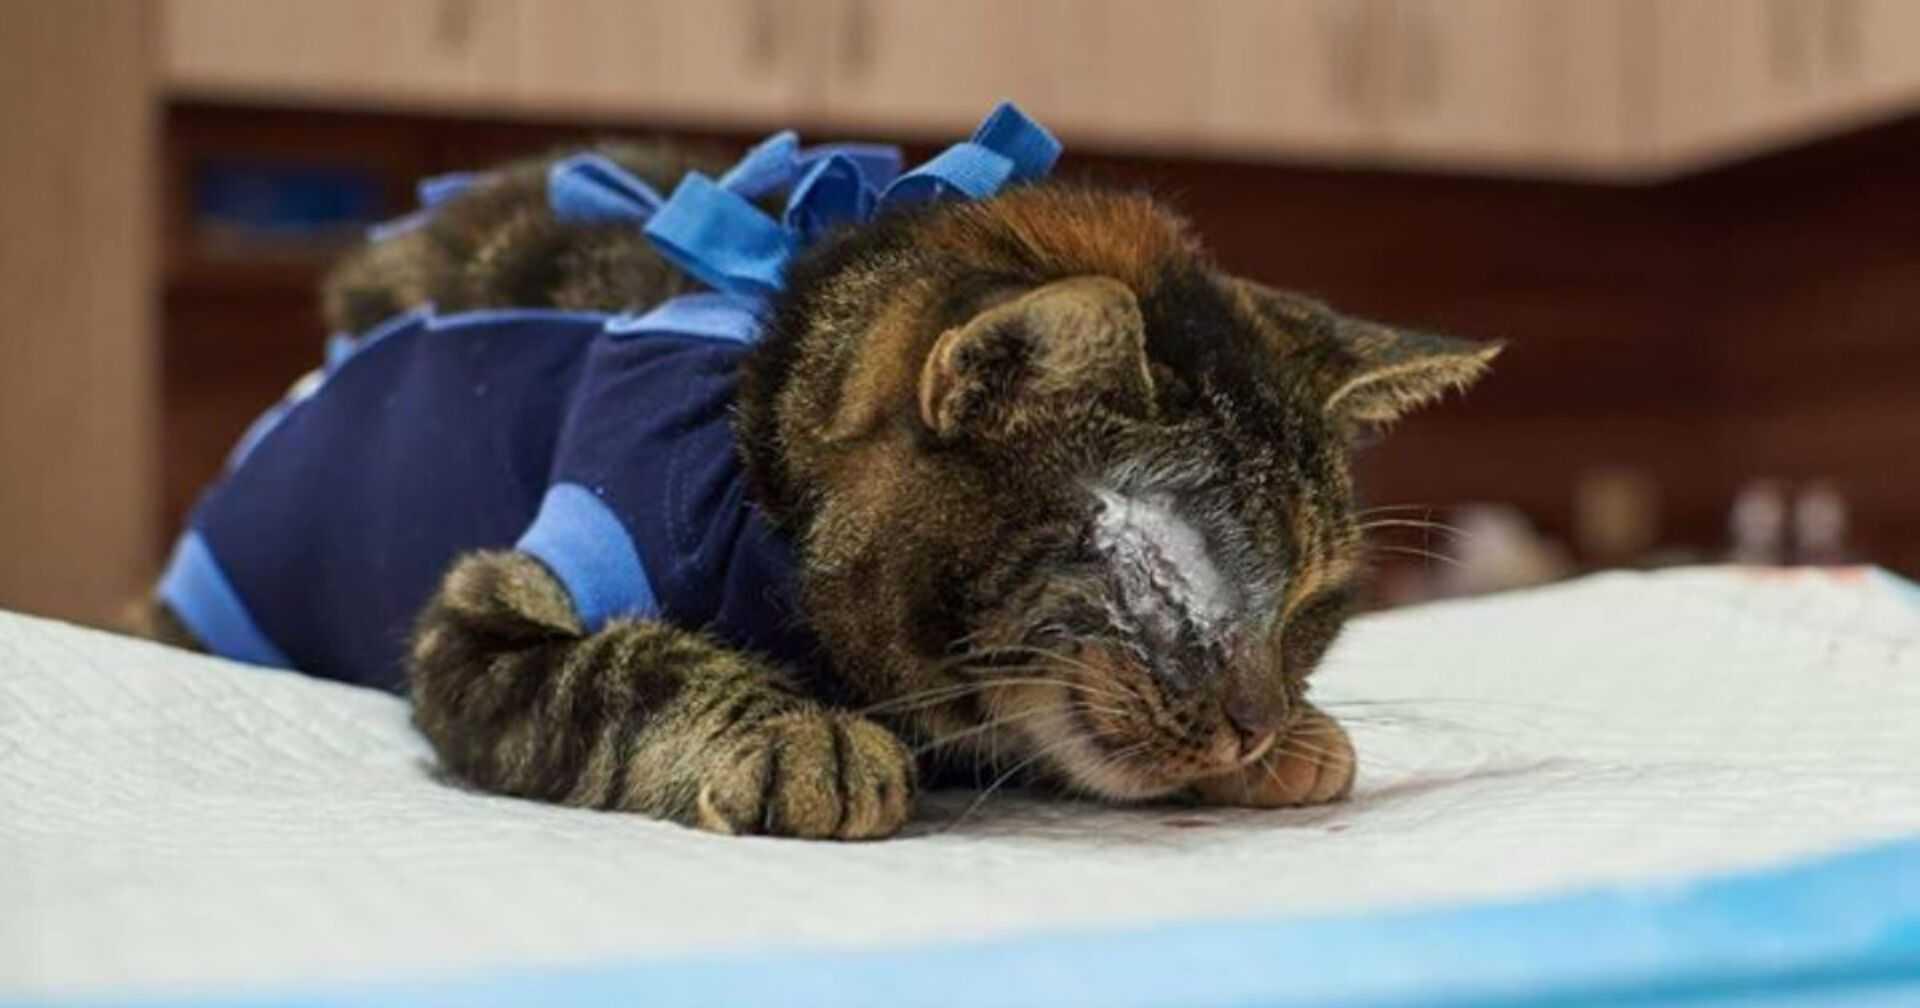 To, przez co przeszła ta kotka przyprawia o gęsią skórkę: 6 lat tułaczki i śrut w ciele